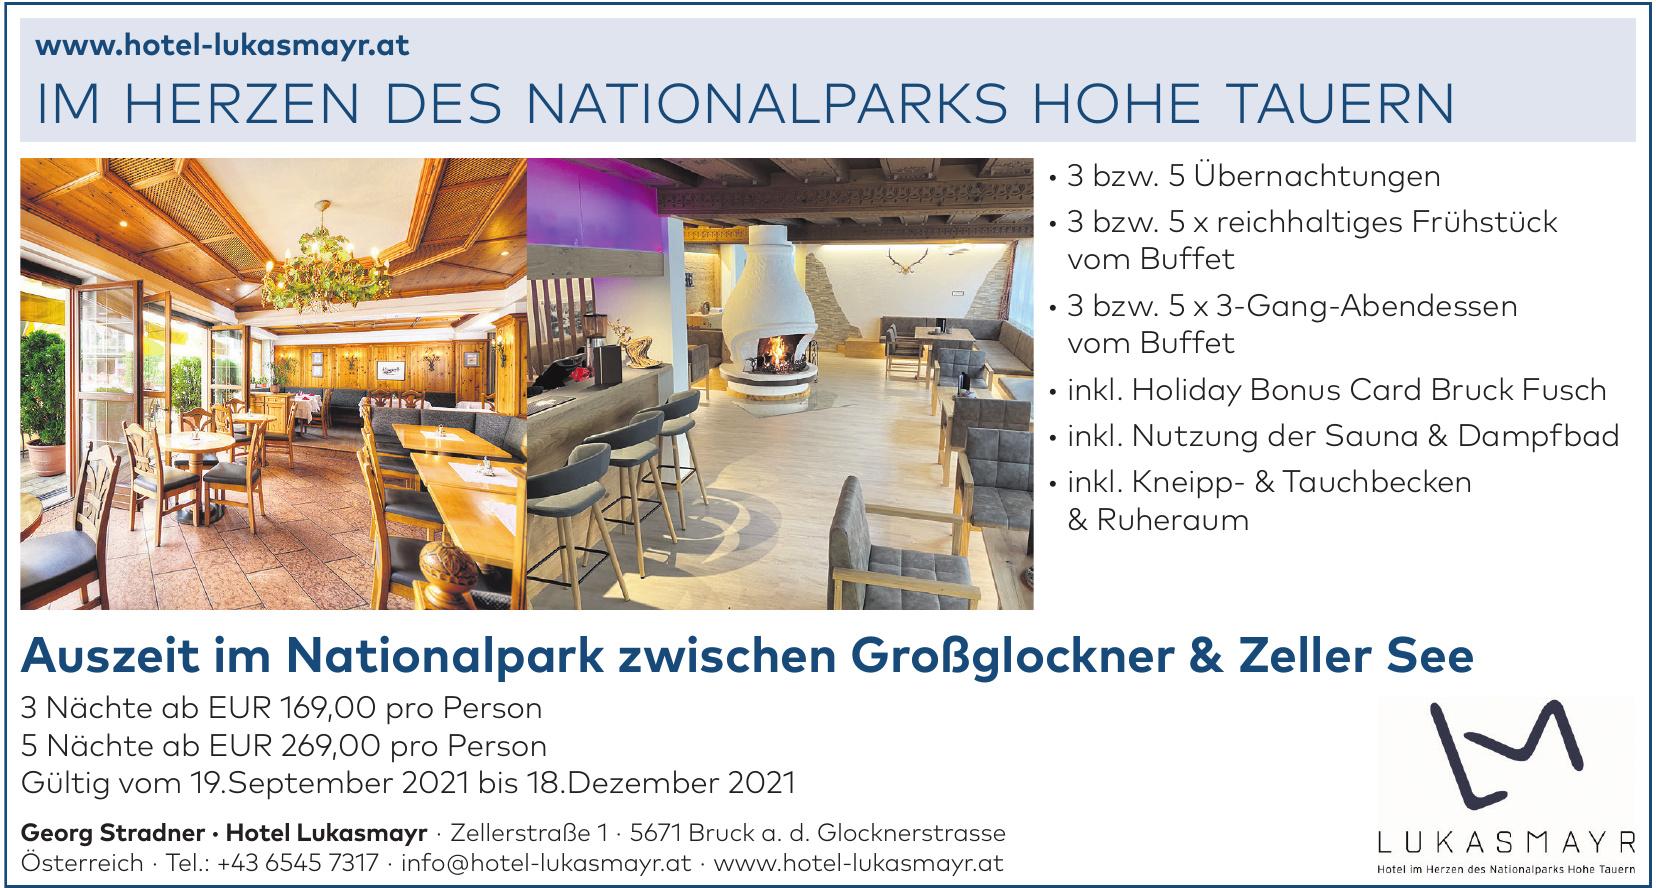 Georg Stradner - Hotel Lukasmayr